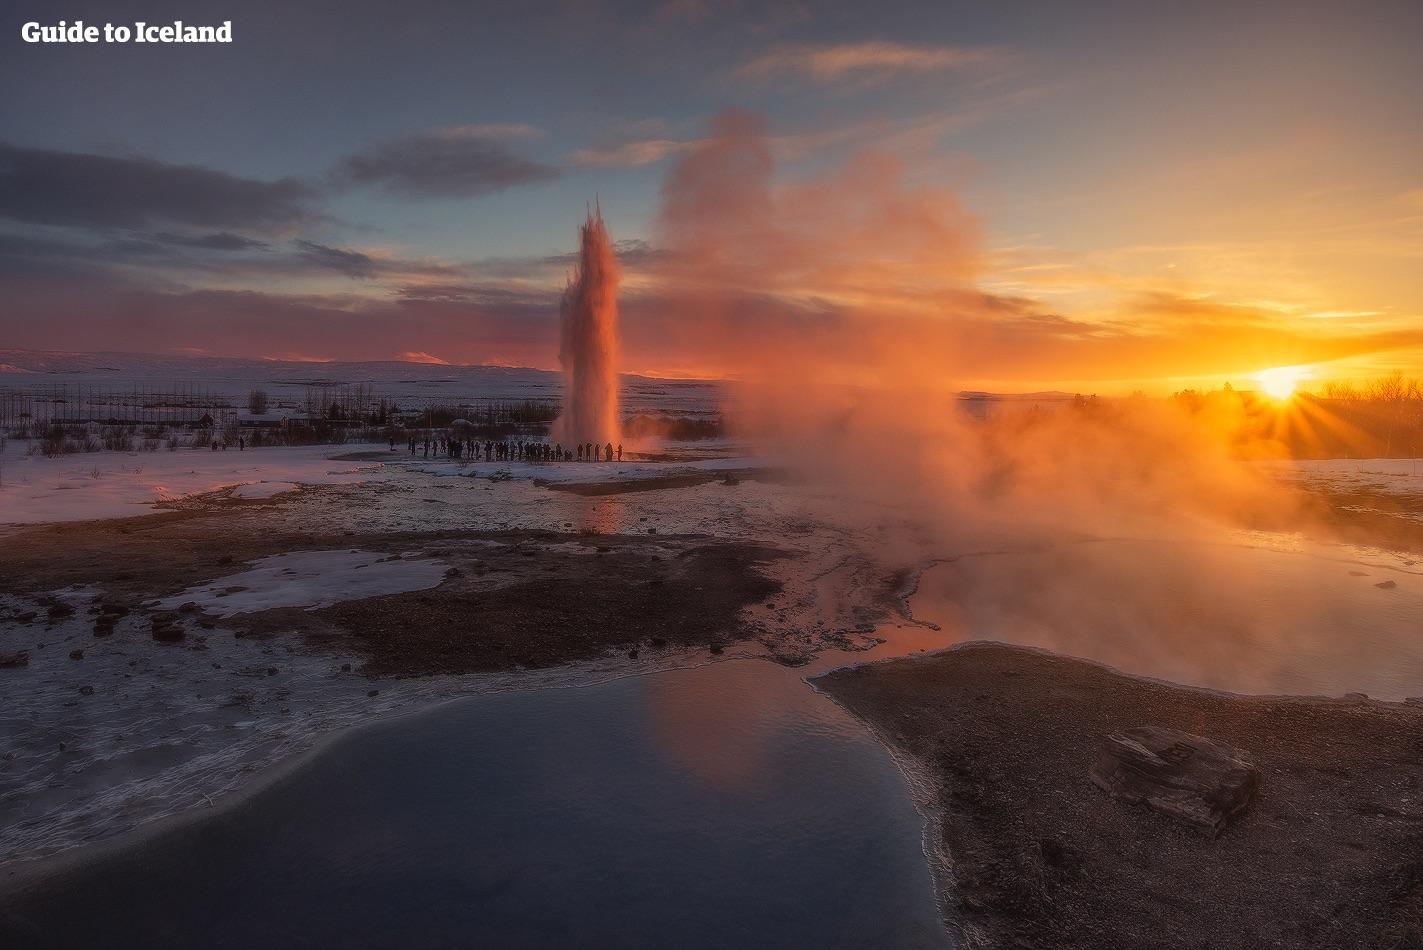 De effecten van het constante 'schemerlicht', dat het gevolg is van de weinige uren zon in de IJslandse winter, zorgen voor schitterende fotomomenten op plaatsen zoals het geothermisch gebied Geysir in Zuid-IJsland.